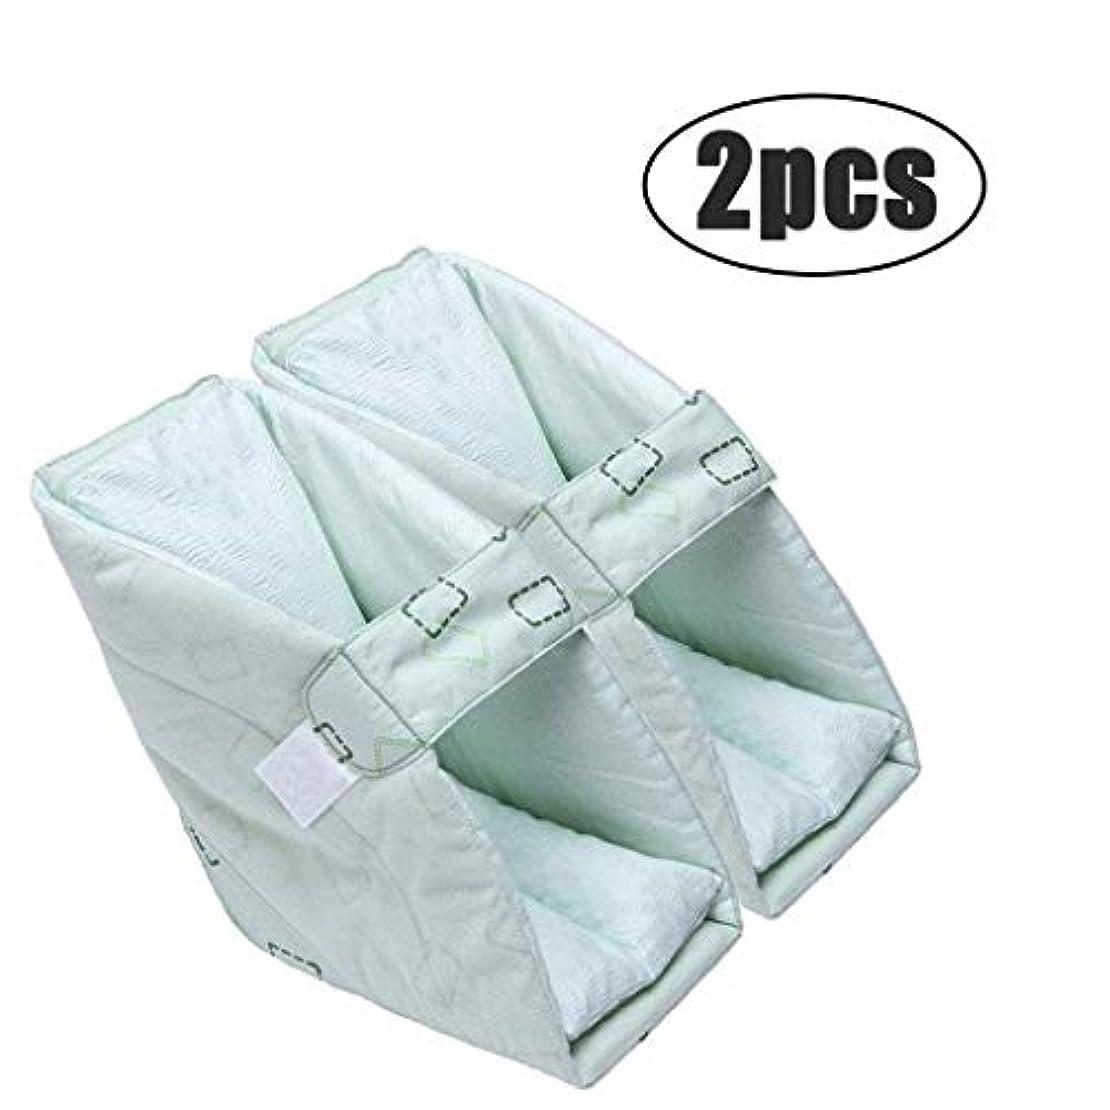 指標天文学嫌なTONGSH 足の枕、かかとのプロテクター、かかとのクッション、かかとの保護、効果的なPressure瘡およびかかとの潰瘍の救済、腫れた足に最適、快適なかかとの保護の足の枕 (Size : 2pcs)